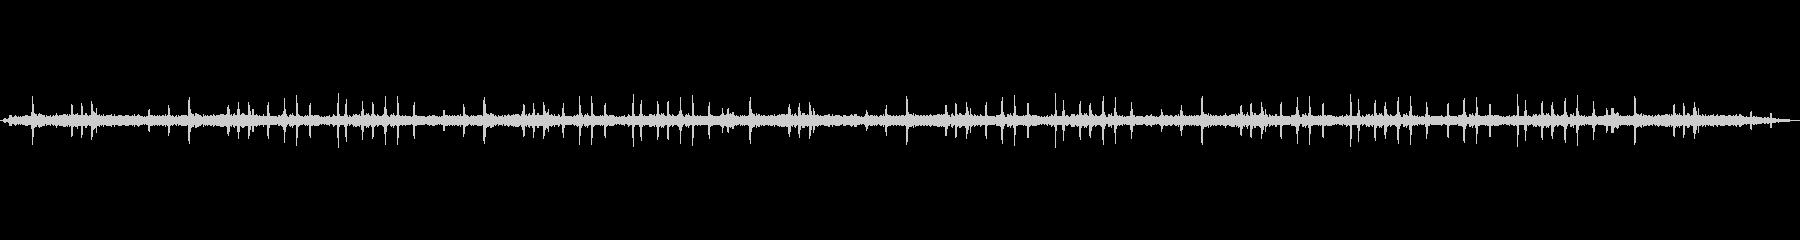 【スズメ 生録 環境01-2】の未再生の波形